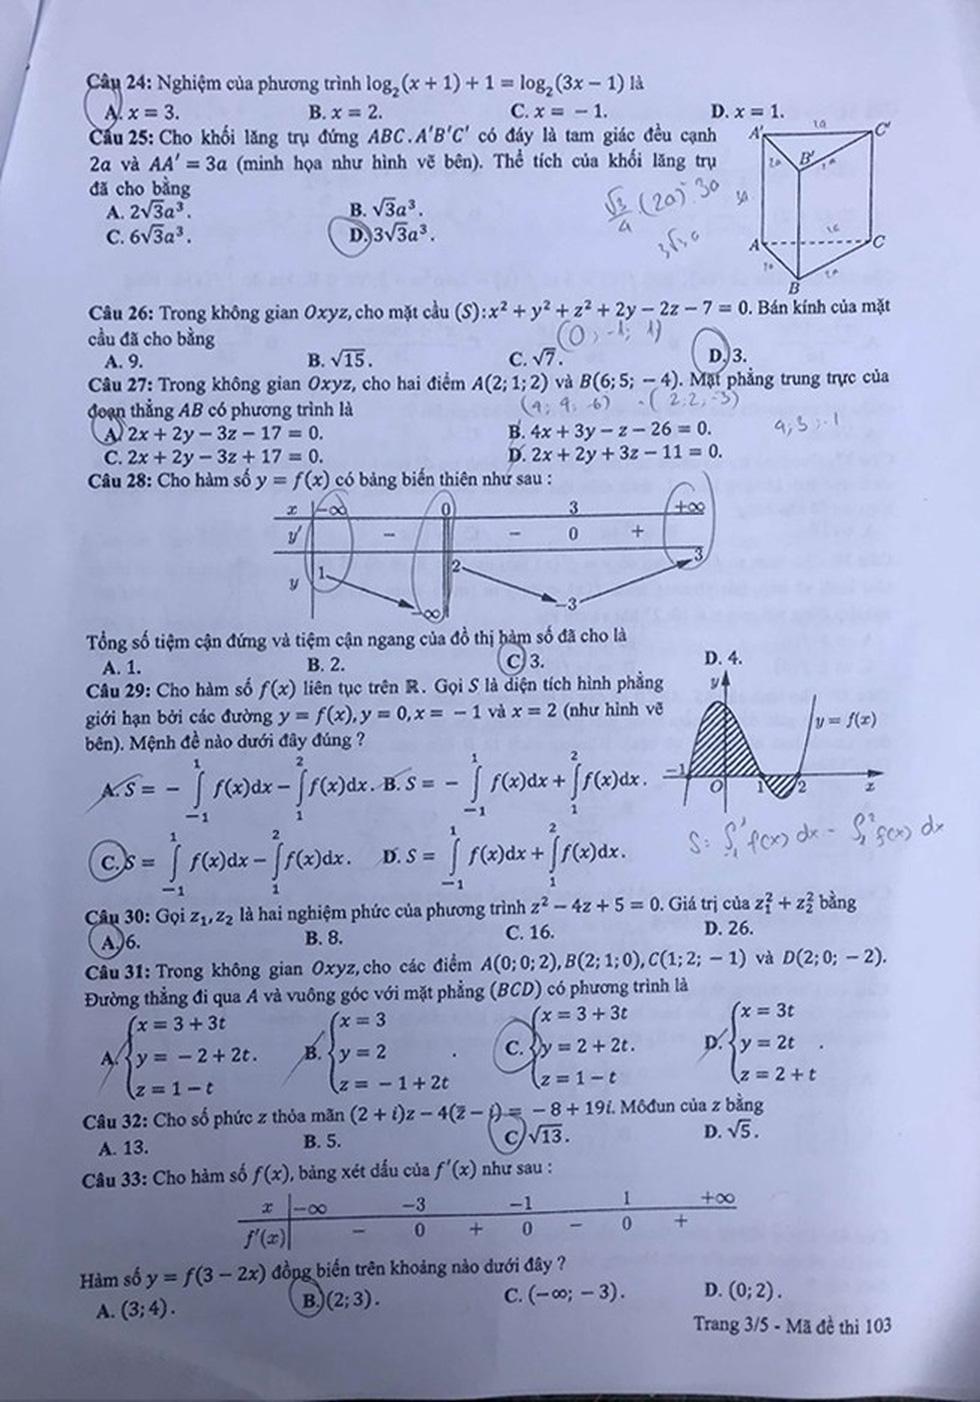 Đáp án môn toán thi THPT quốc gia 2019 - Ảnh 12.